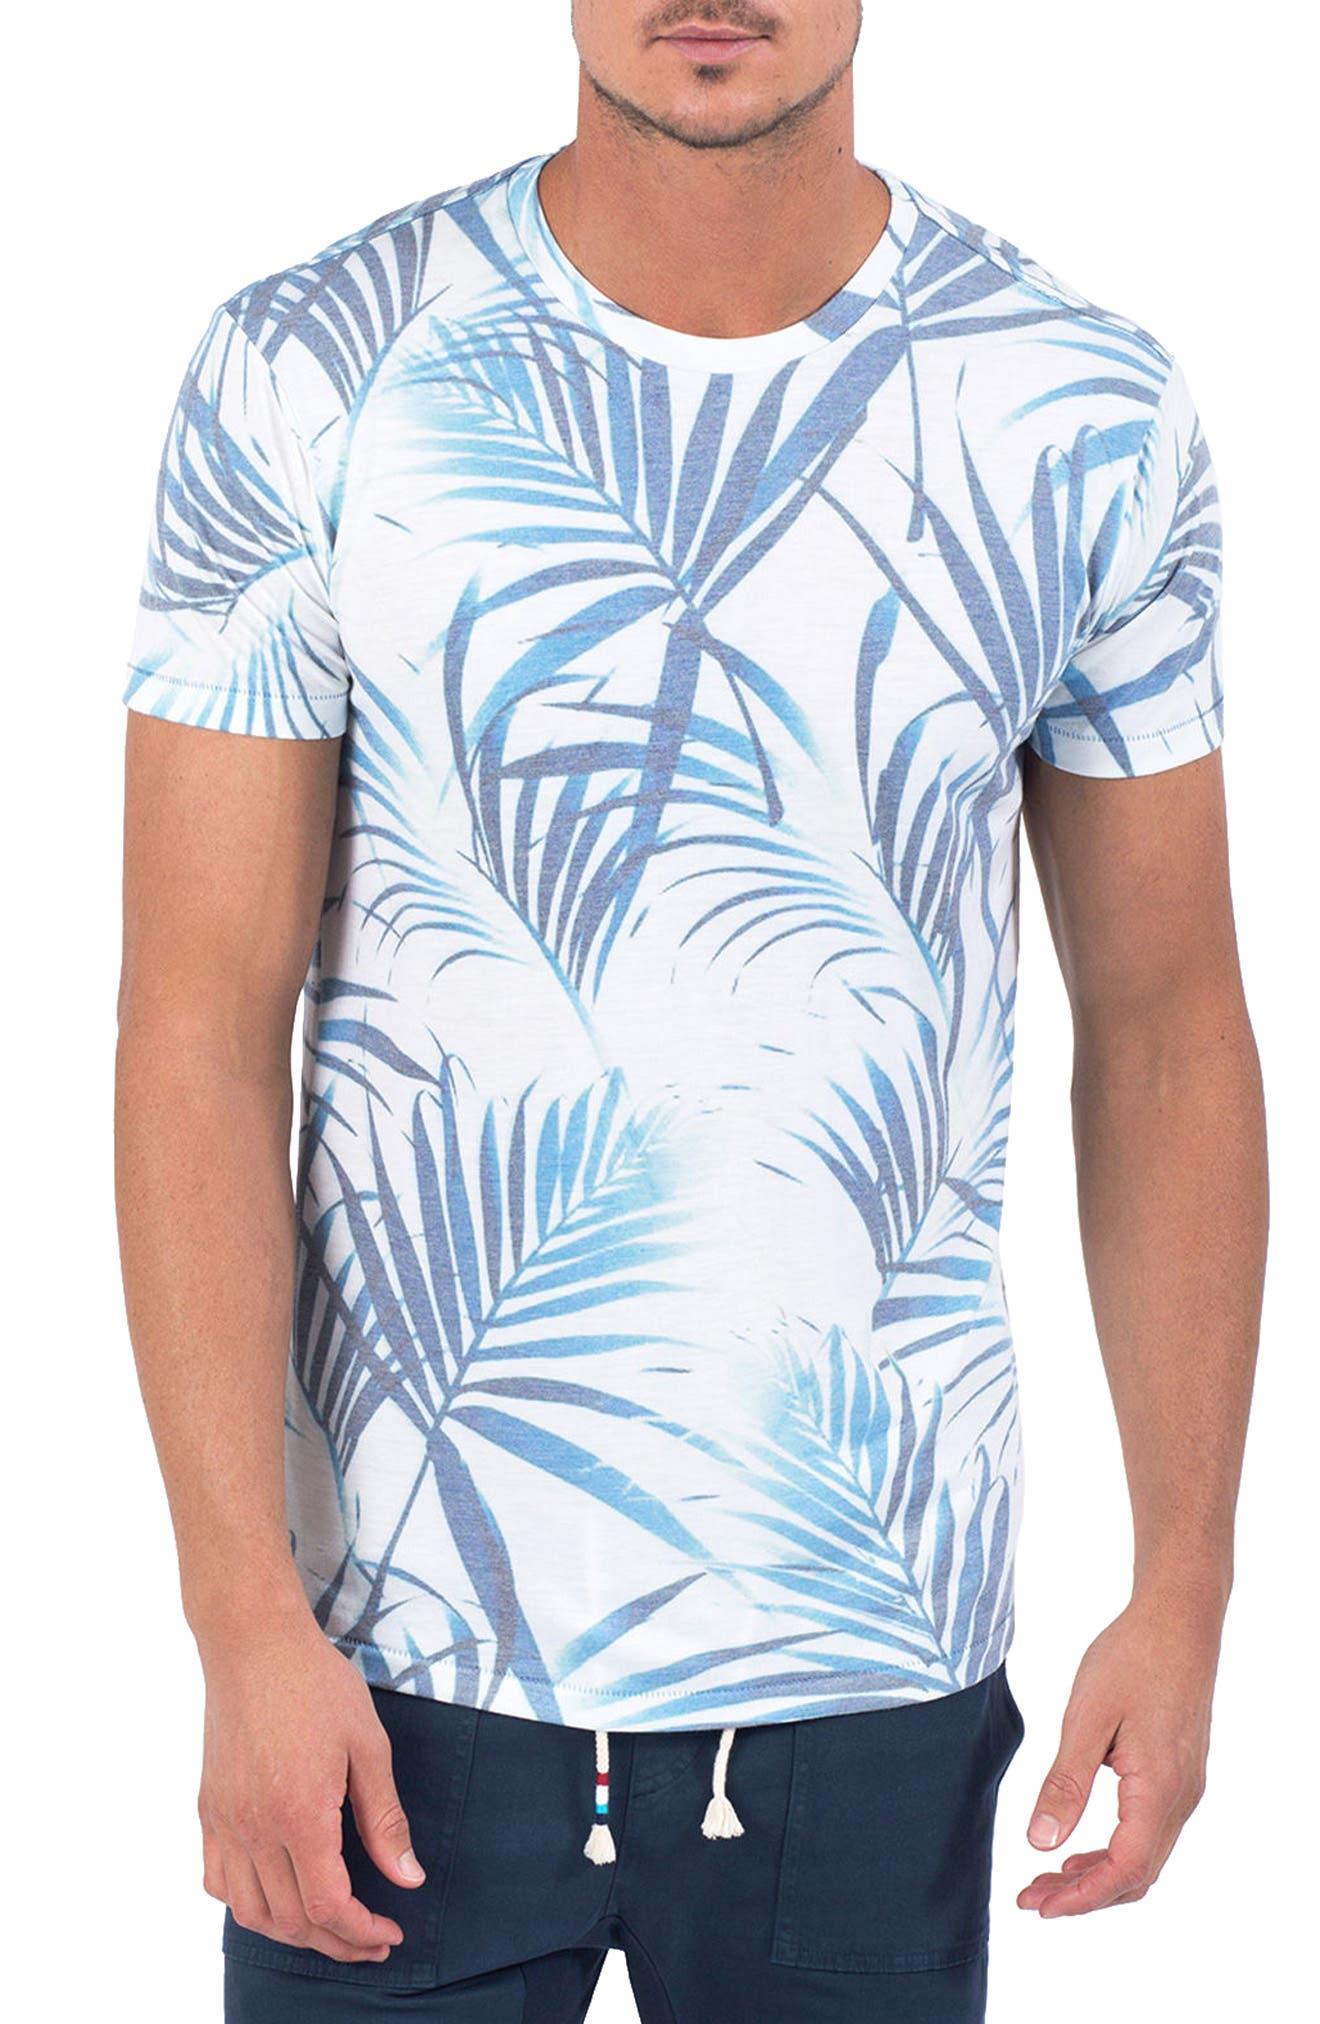 Las Brisas Graphic T-Shirt,                             Main thumbnail 1, color,                             100